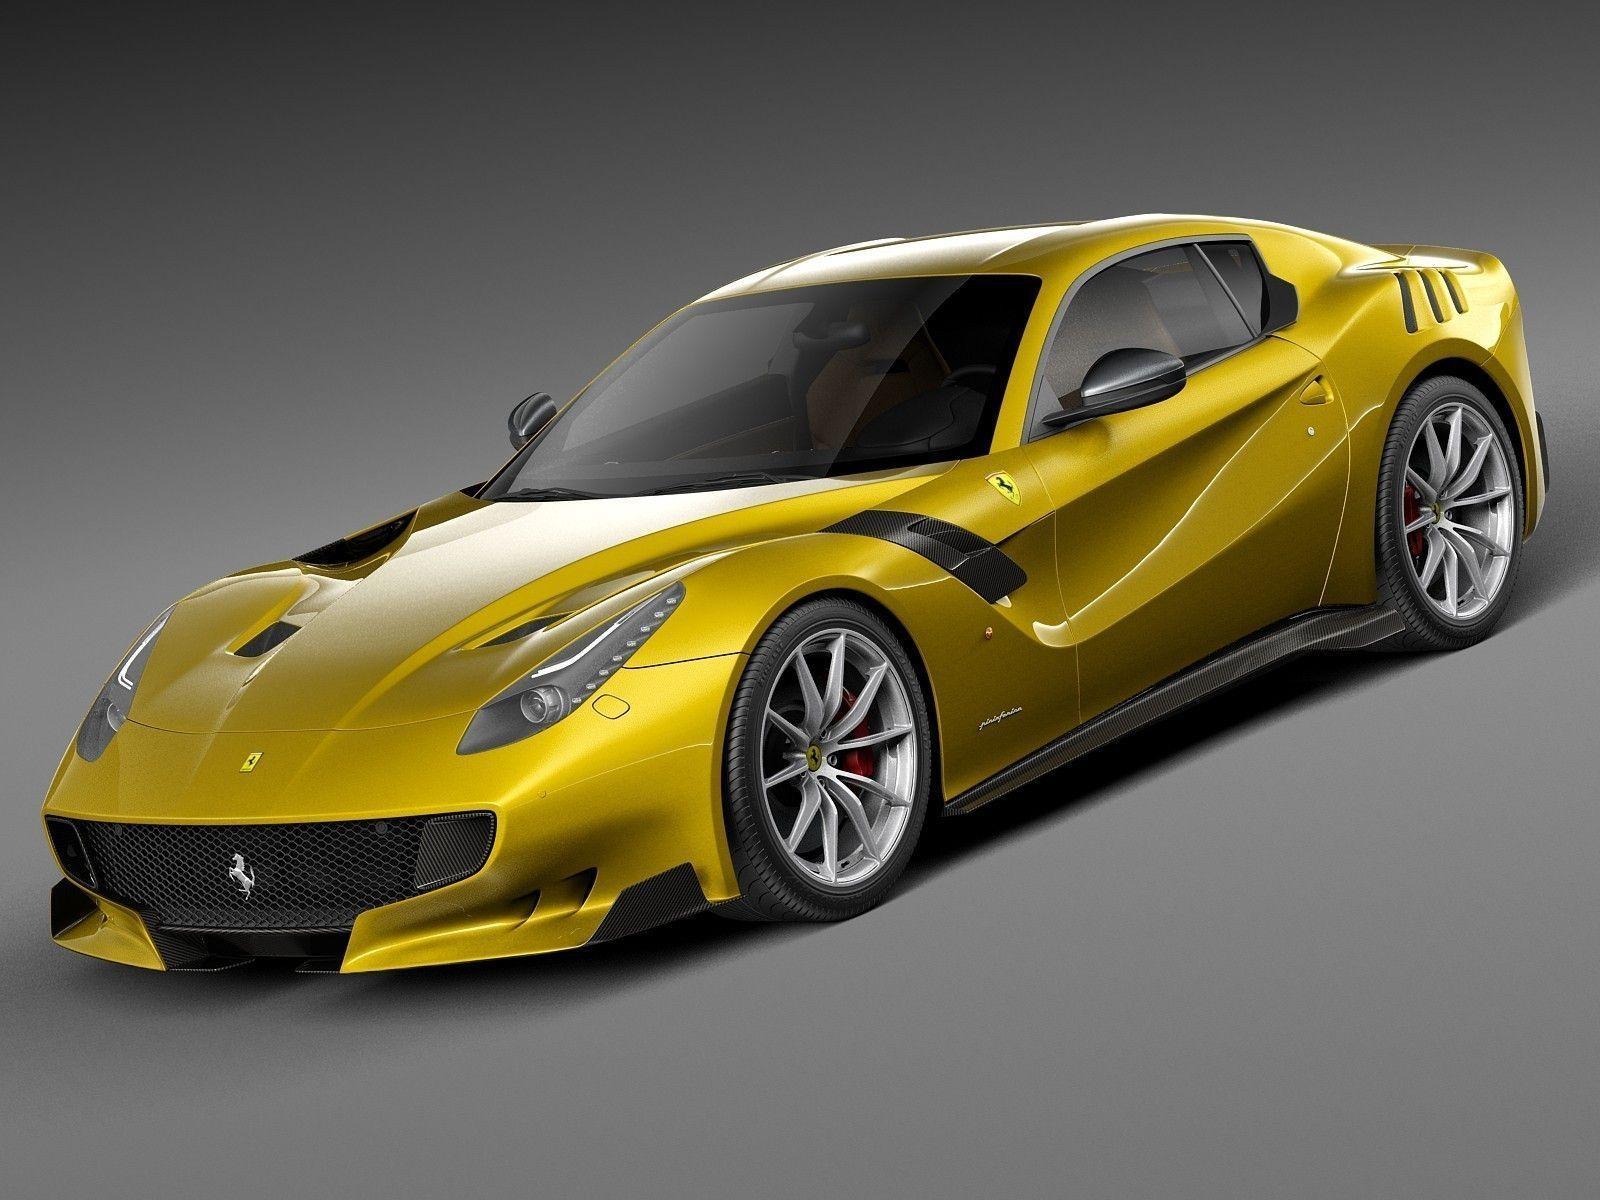 ferrari f12tdf 2016 3d model max obj 3ds fbx c4d lwo lw lws. Cars Review. Best American Auto & Cars Review